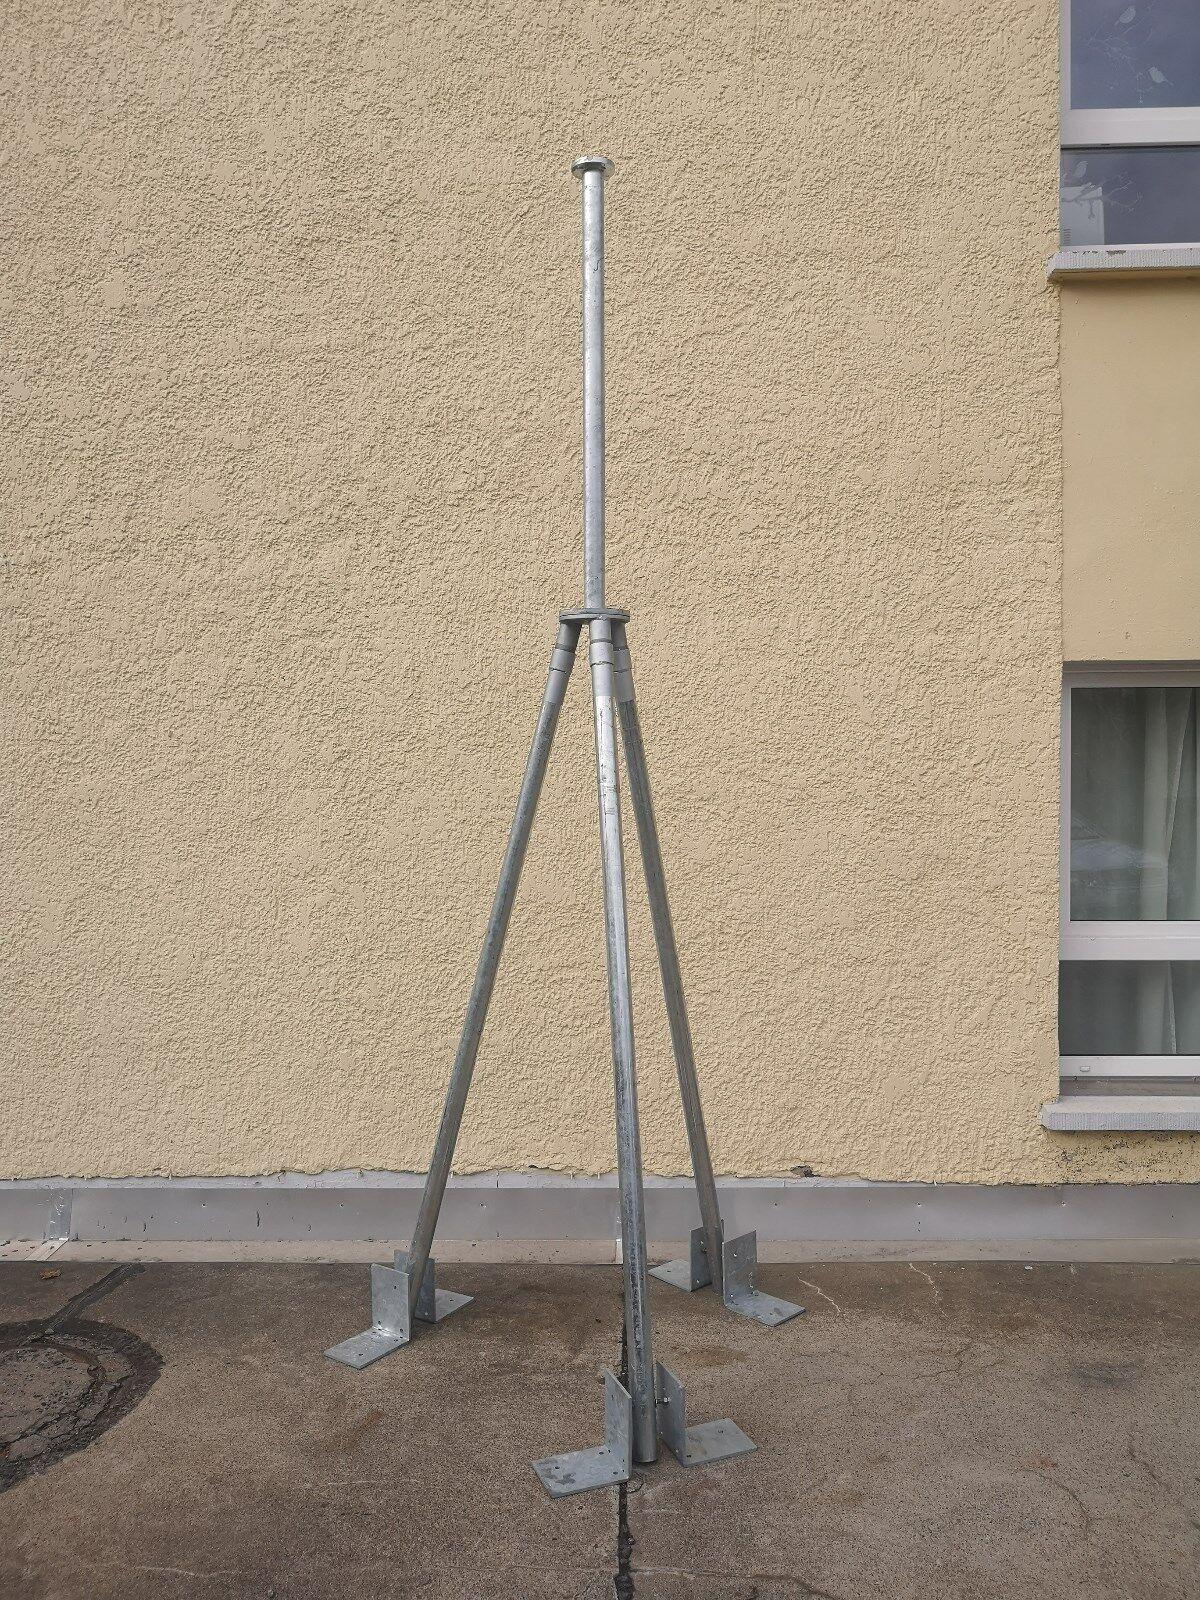 Dreibein-Mast Variante 5 Windanlage Windkraftanlage Windanlage 5 Windgenerator Windkraft 4dcb07